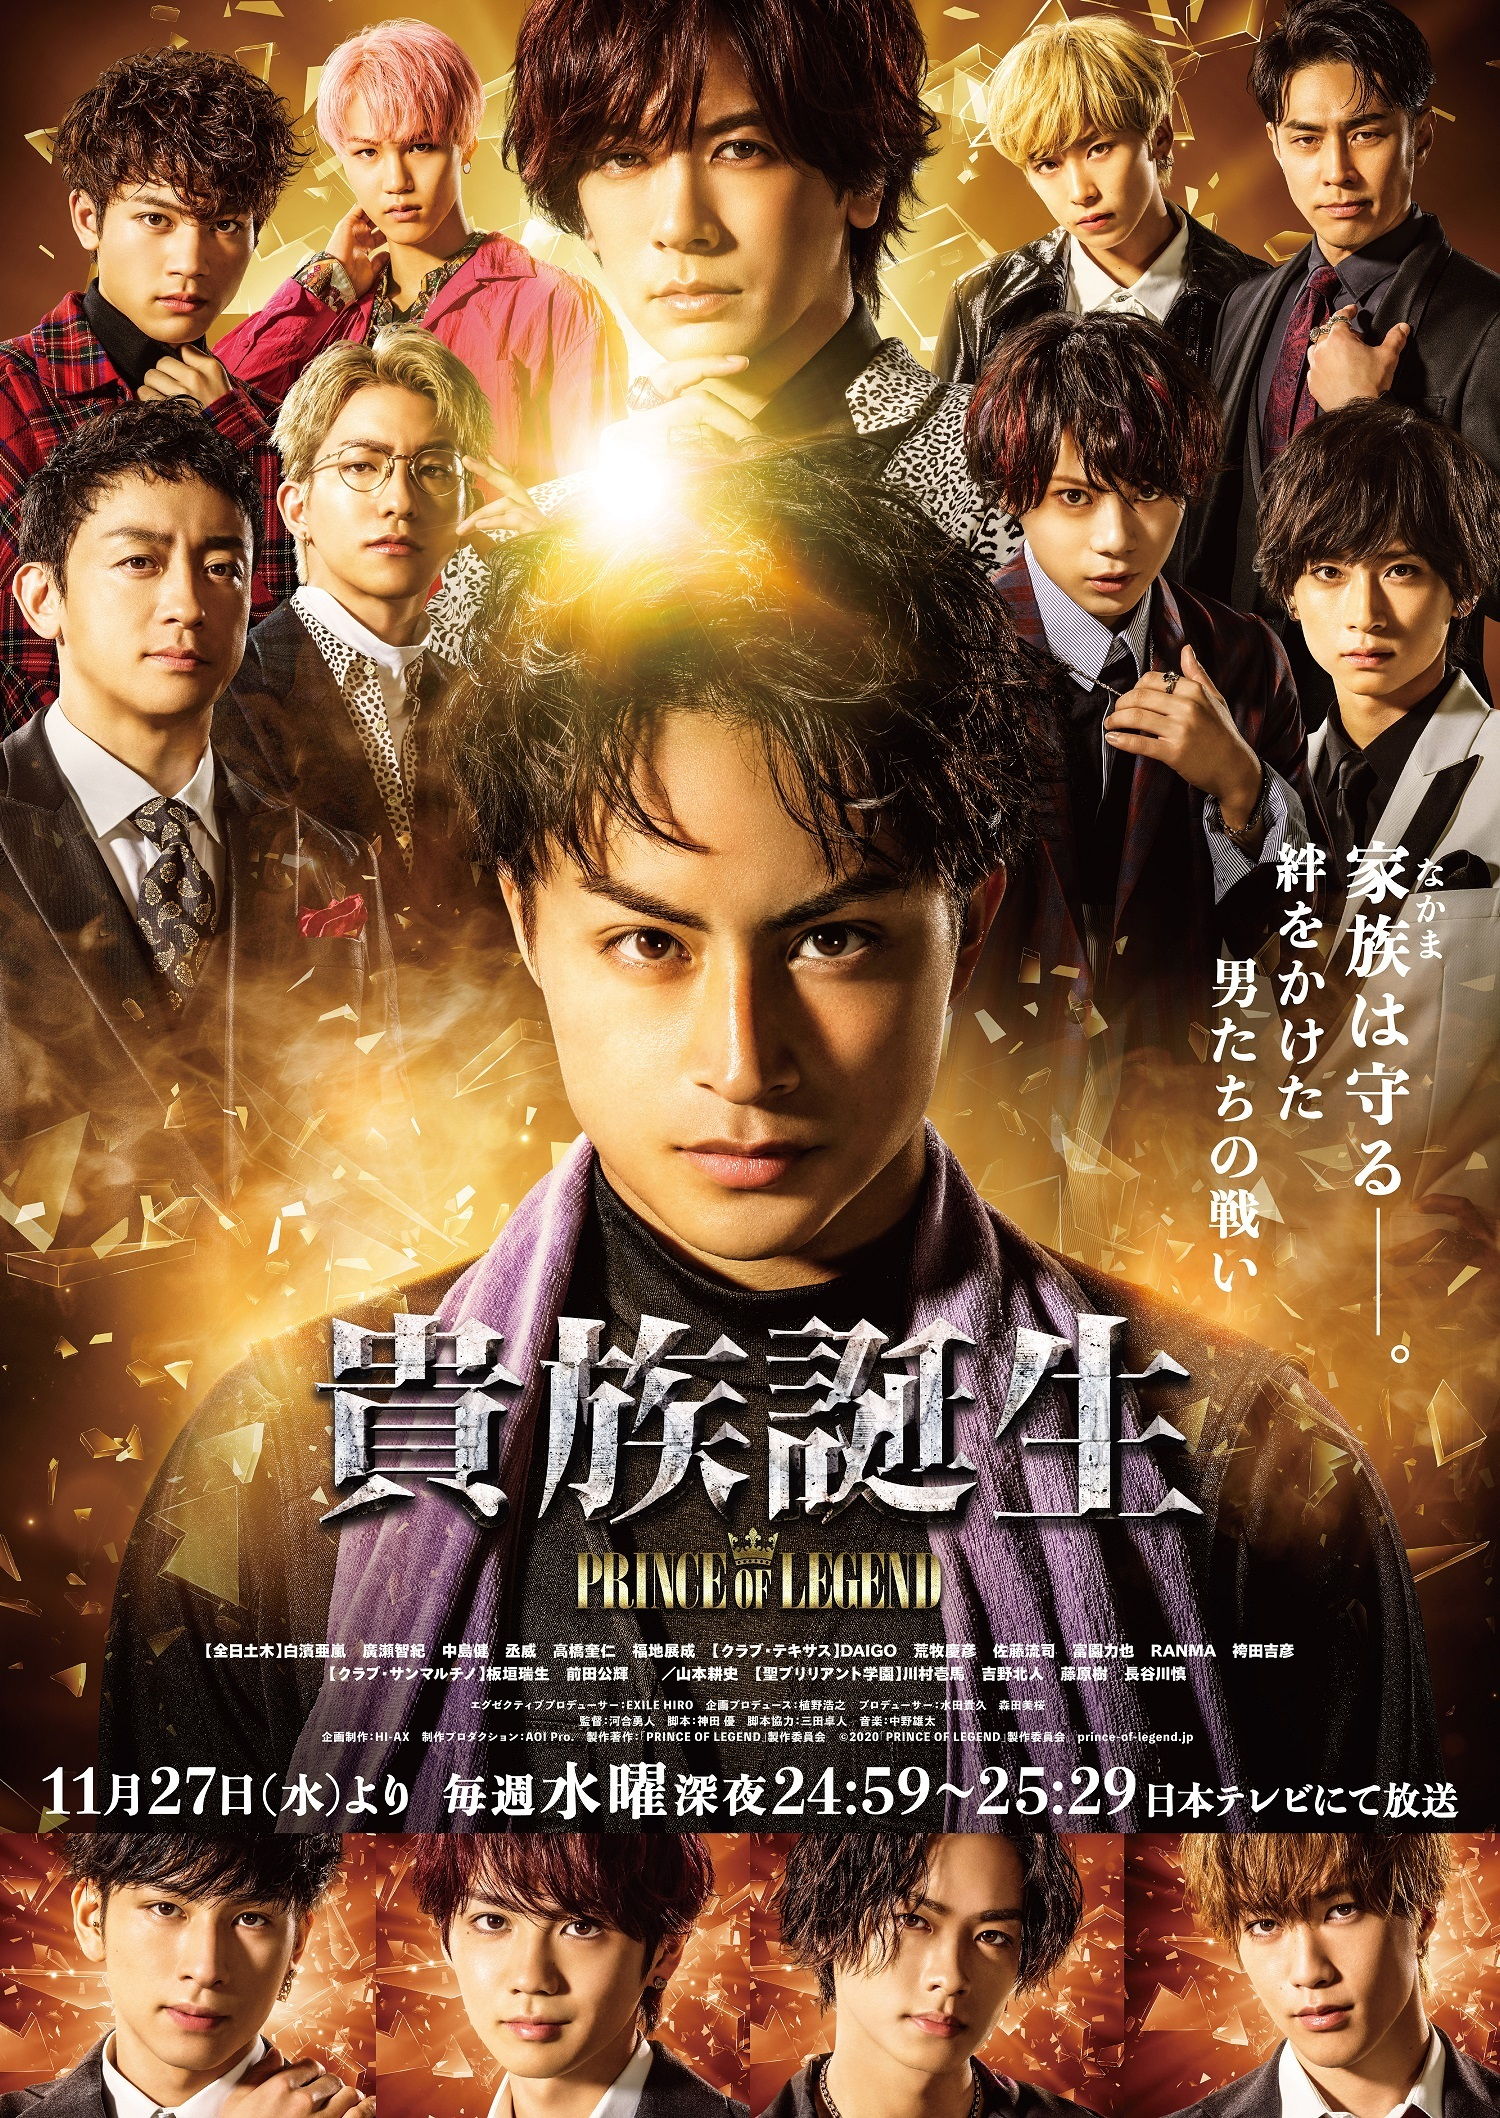 ドラマ『貴族誕生 -PRINCE OF LEGEND-』ポスタービジュアル (C)2020「PRINCE OF LEGEND」製作委員会